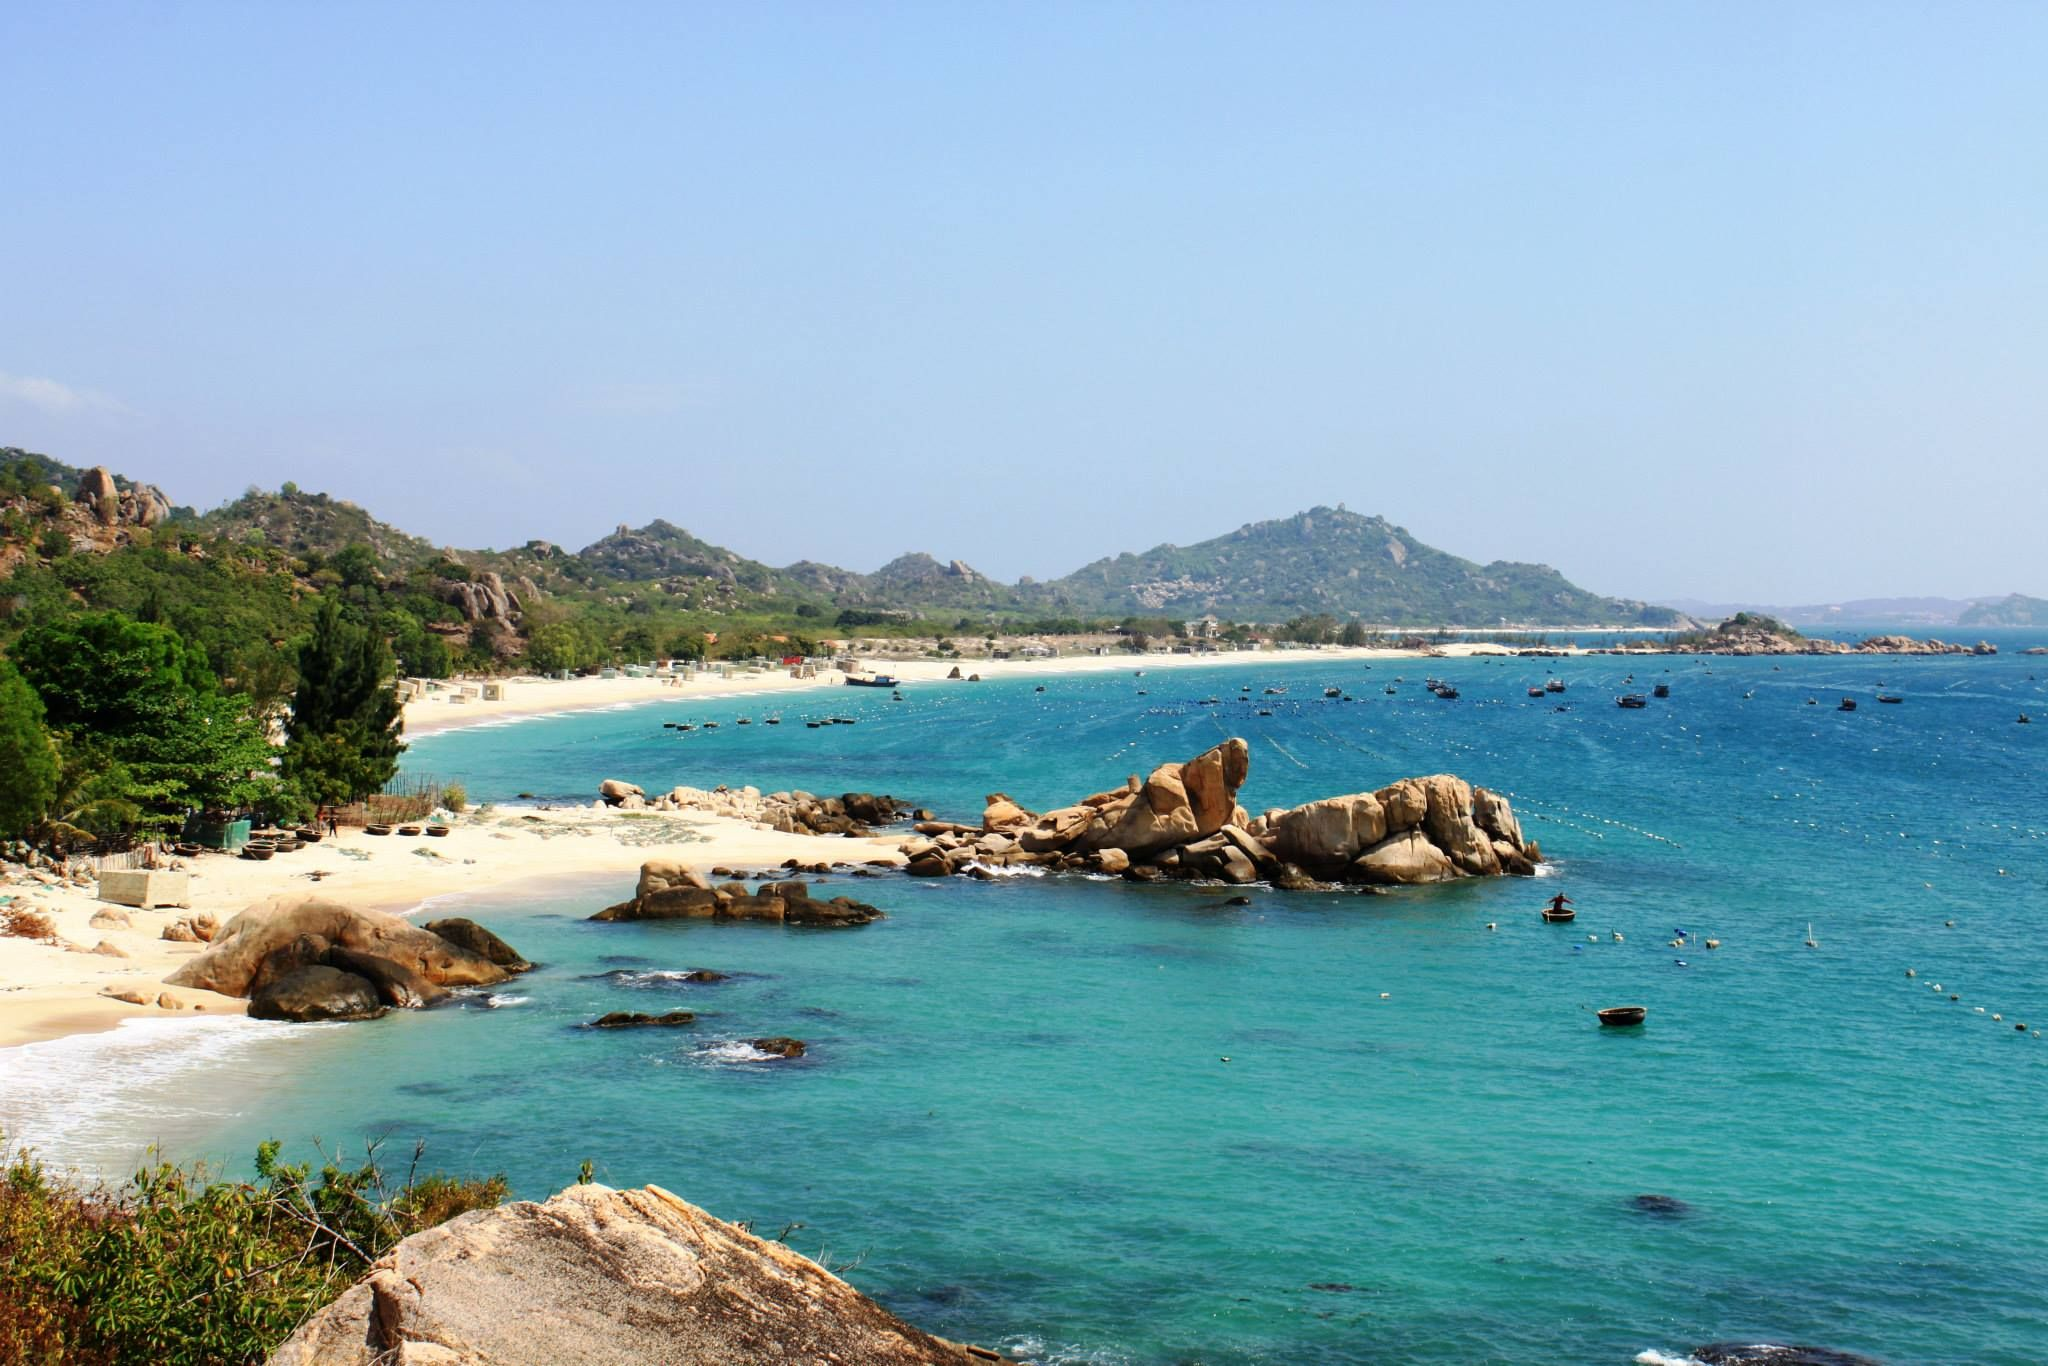 DocxBlog.com - Đảo Cô Tô 1 vẻ đẹp huyền bí